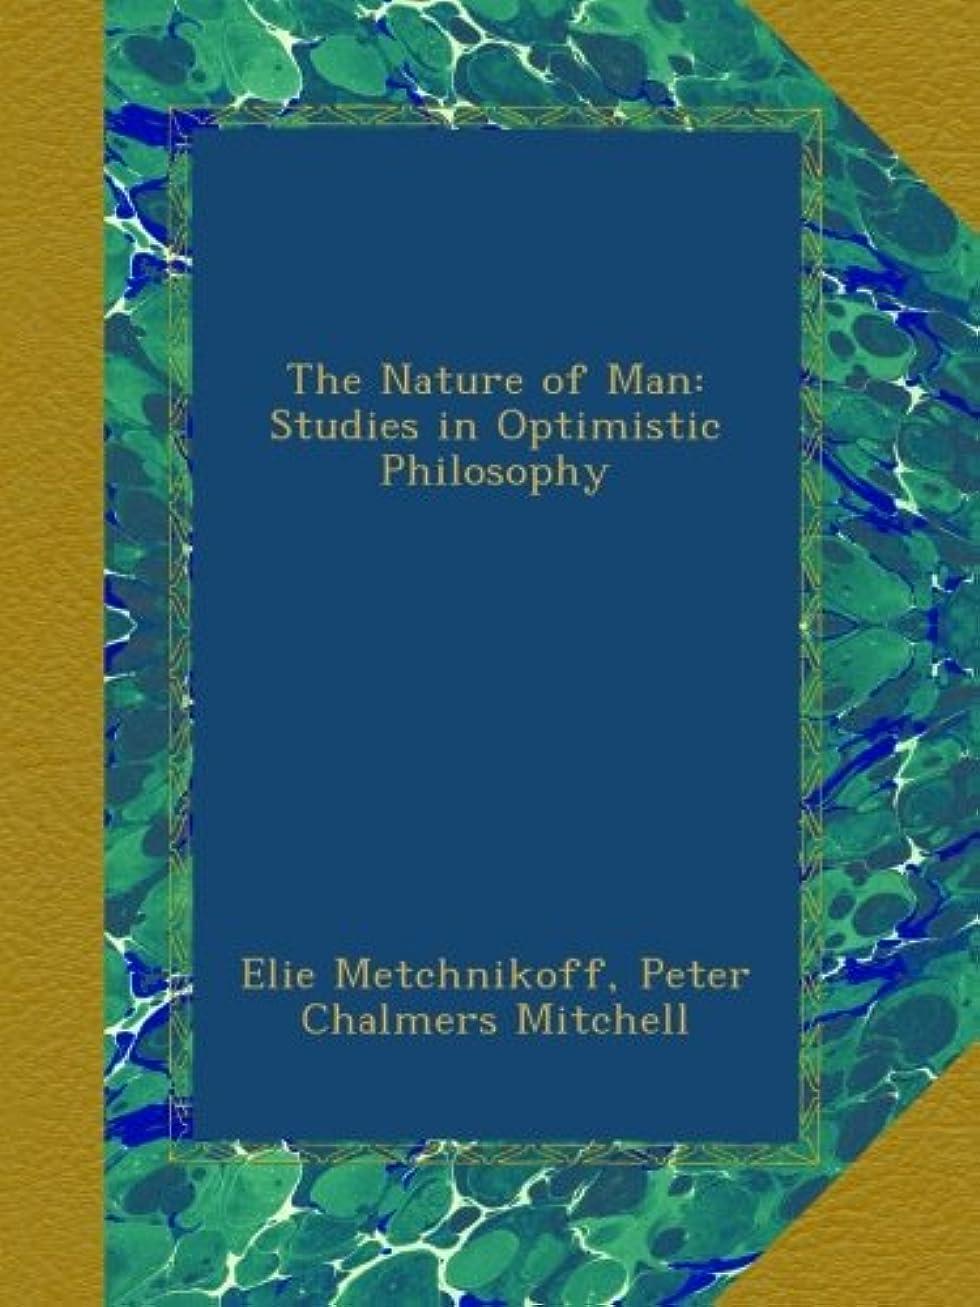 ライオネルグリーンストリートダム瞑想The Nature of Man: Studies in Optimistic Philosophy